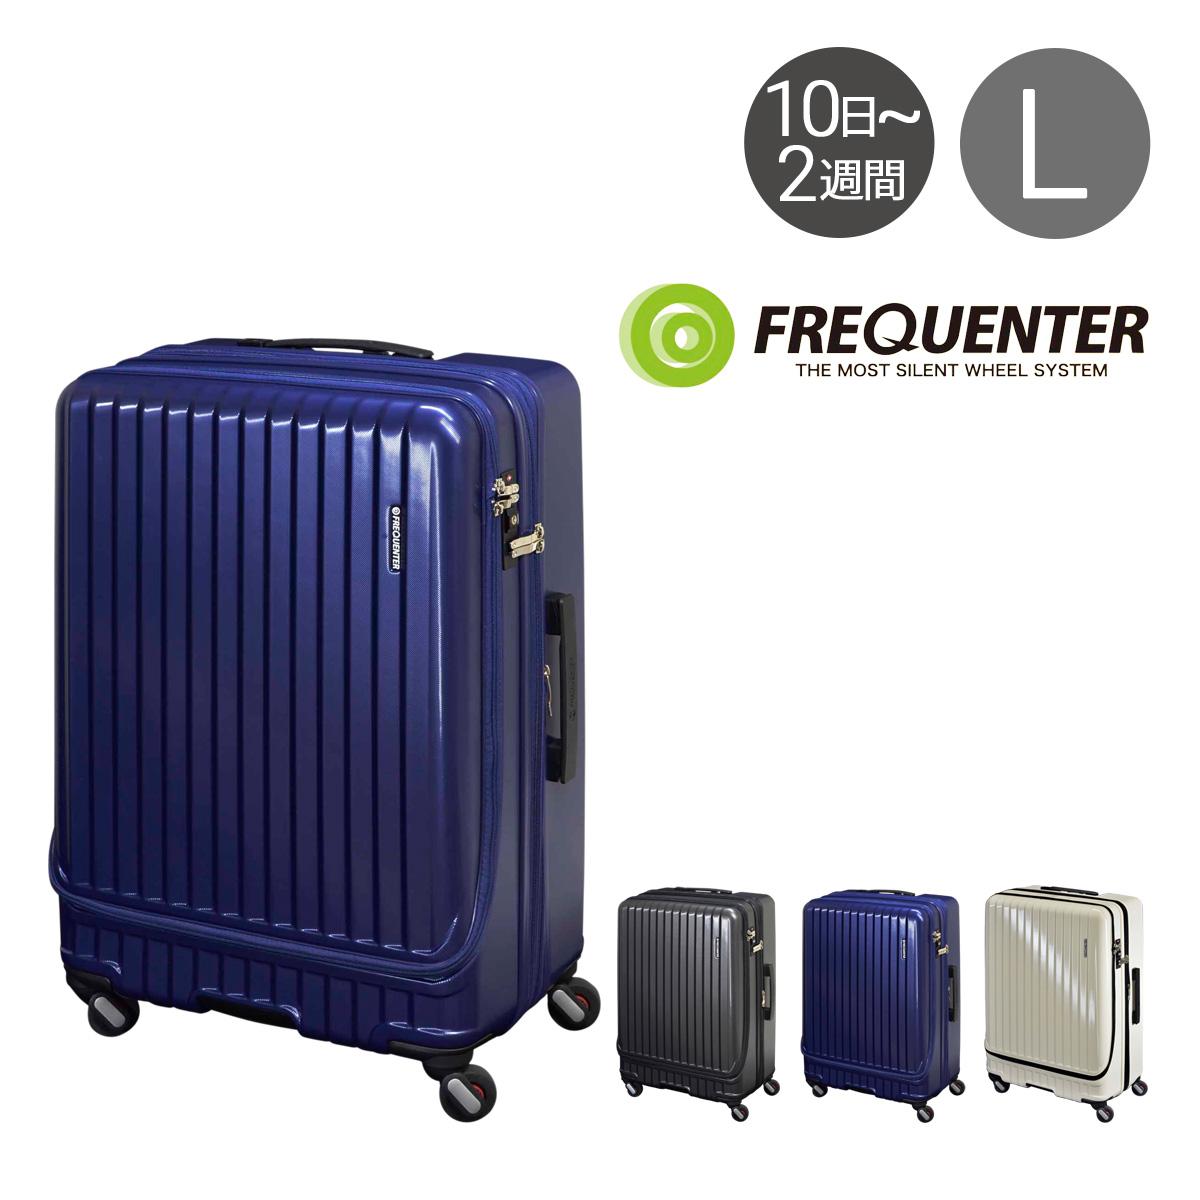 フリクエンター スーツケース マーリエ|86L/98L 68cm 5.4kg 1-280|フロントオープン 拡張 ハード ファスナー 静音 TSAロック搭載 [PO10][bef]